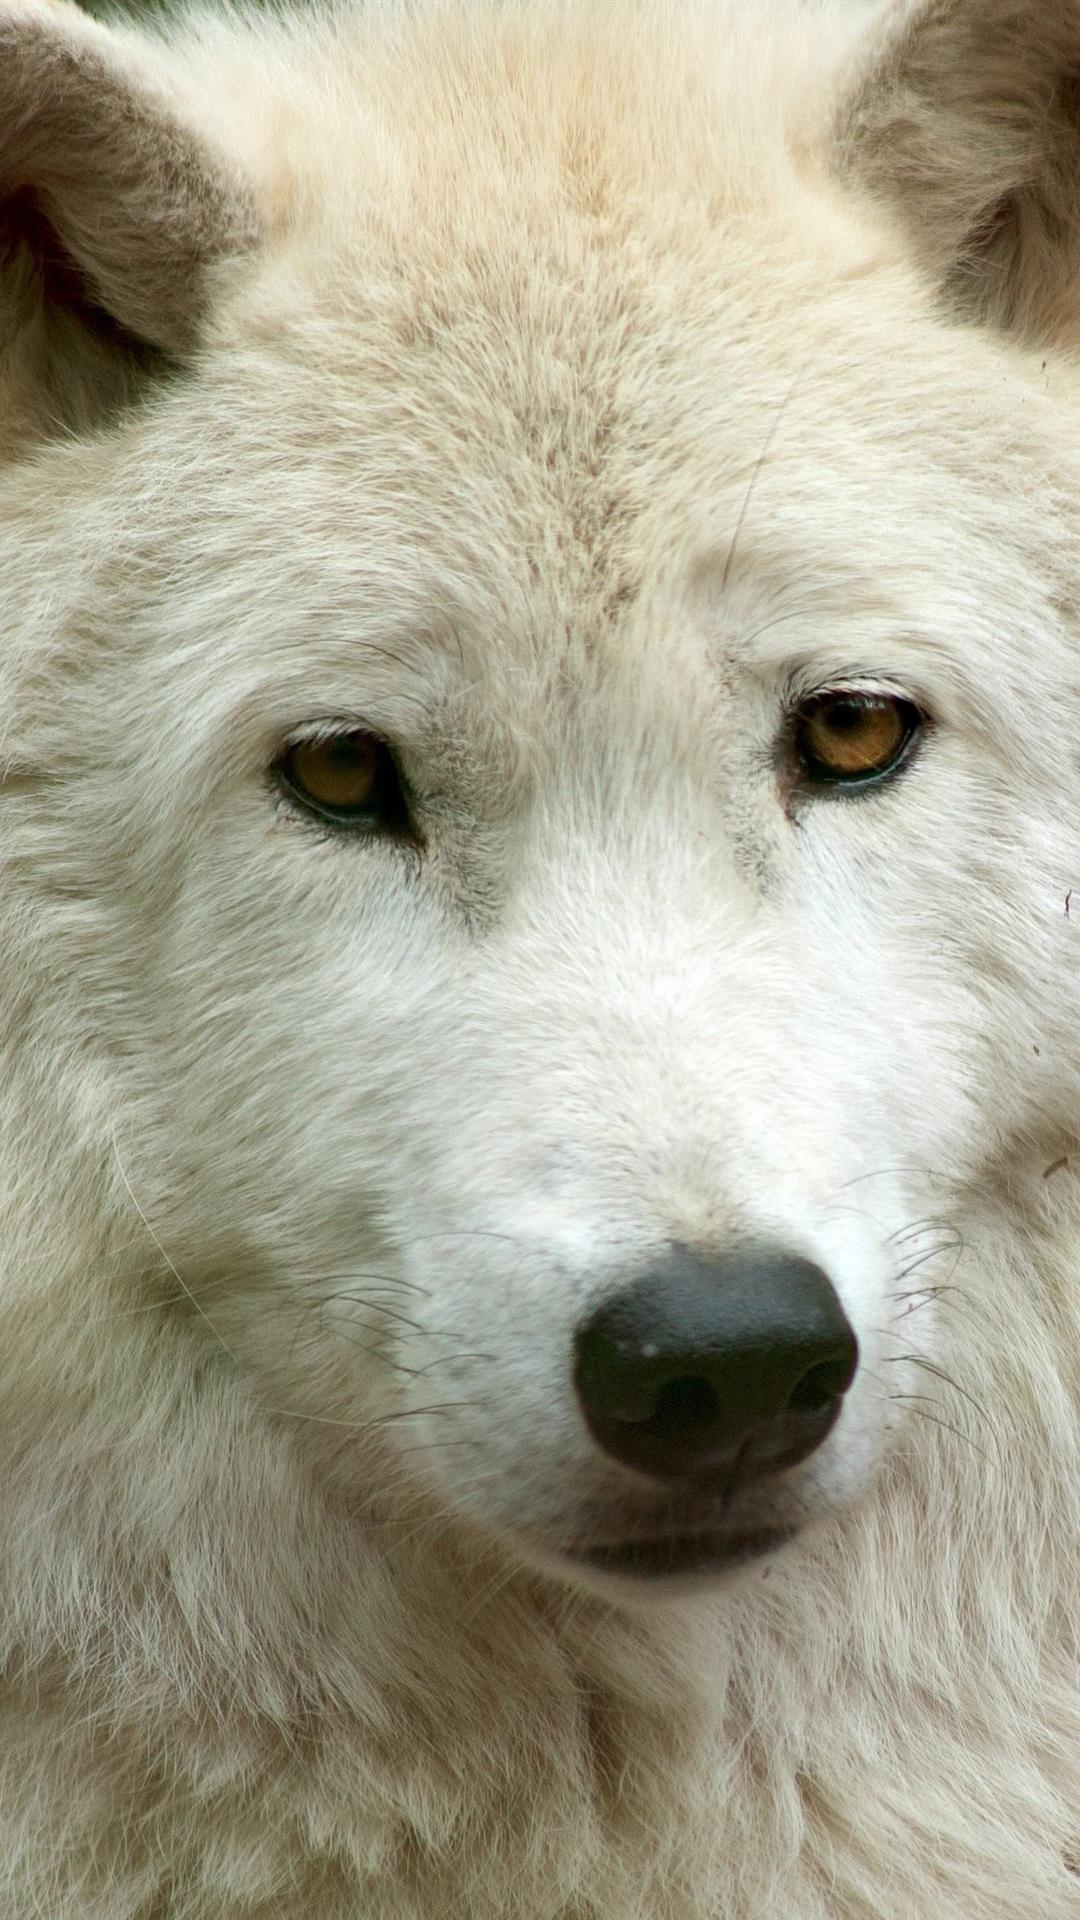 白い狼の正面 顔 1080x1920 Iphone 8 7 6 6s Plus 壁紙 背景 画像